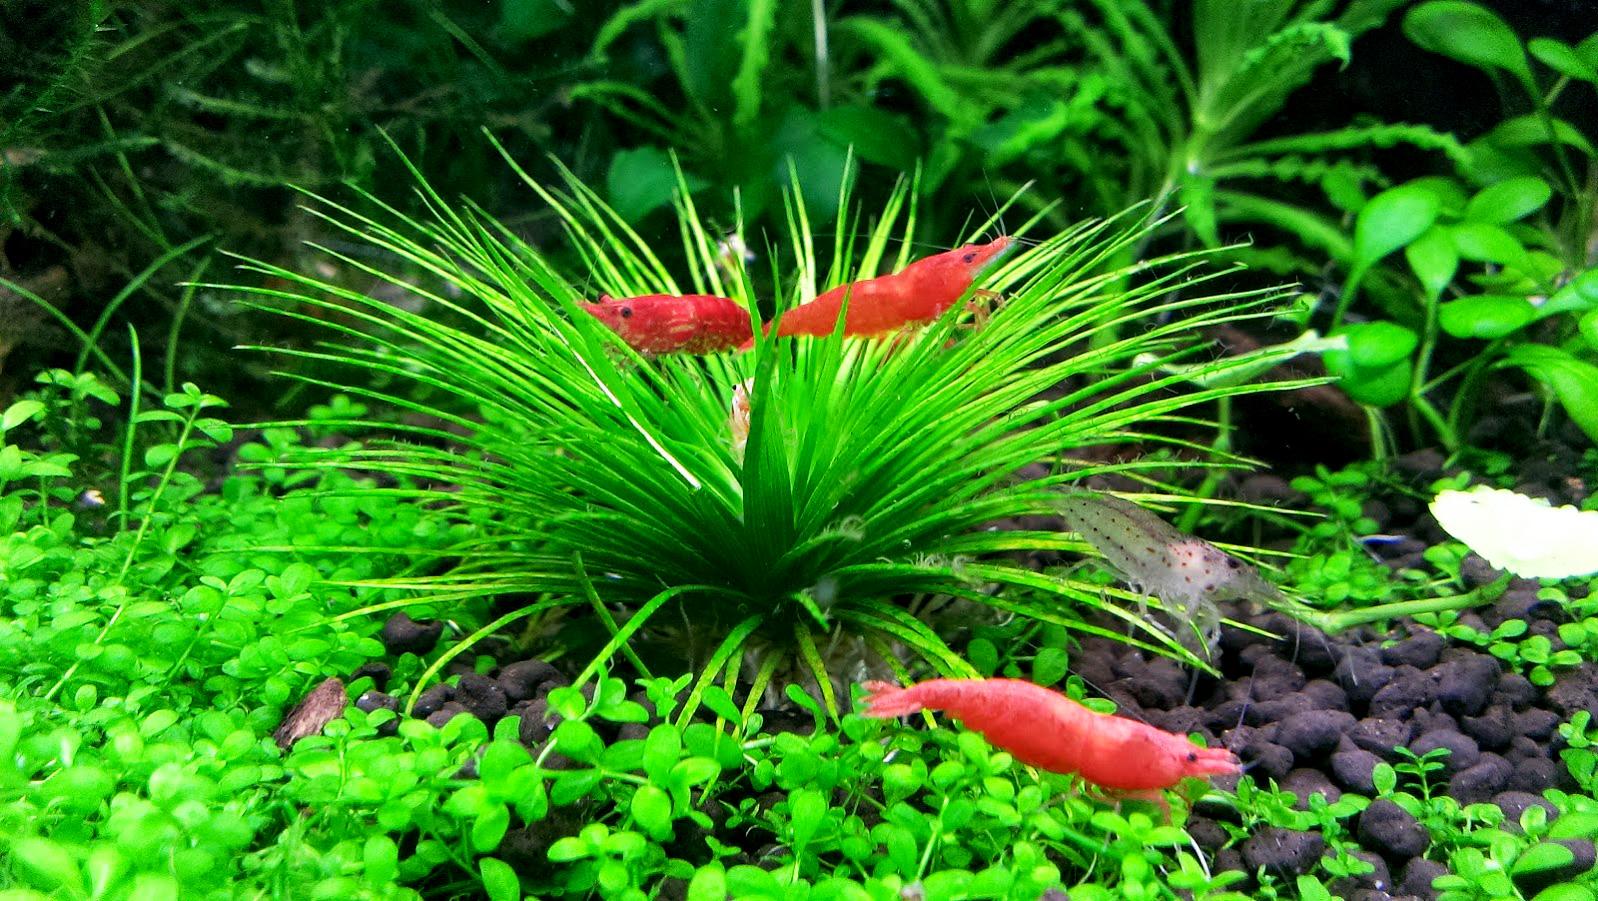 Vẻ đẹp của cây cỏ dùi trống trong bể thủy sinh